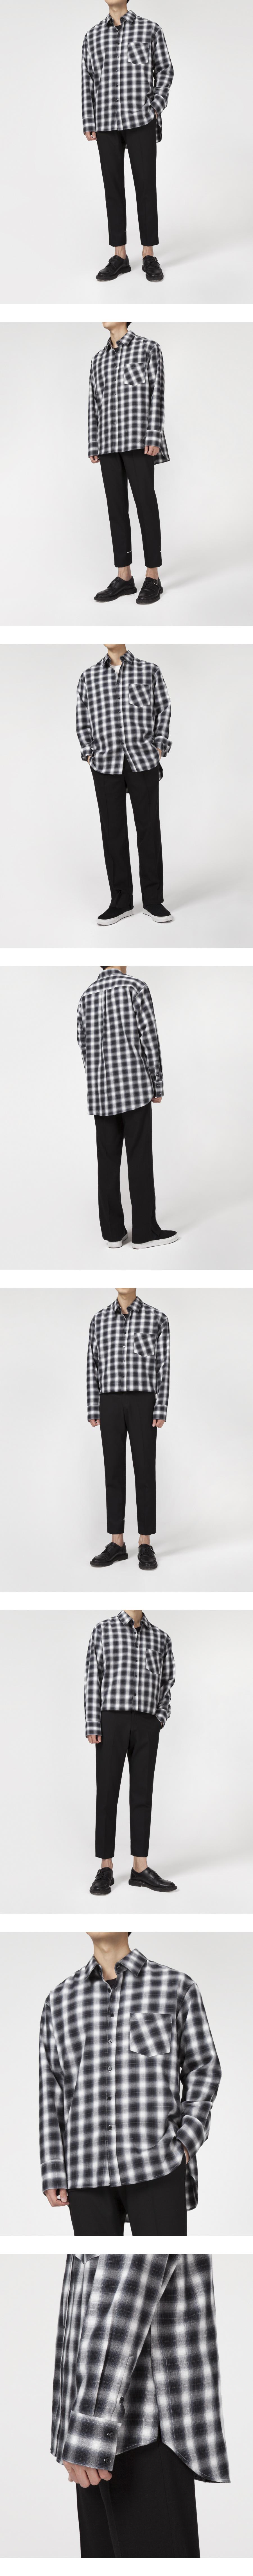 가먼트레이블(GARMENT LABLE) Flannel Check Oversize Shirts - Black